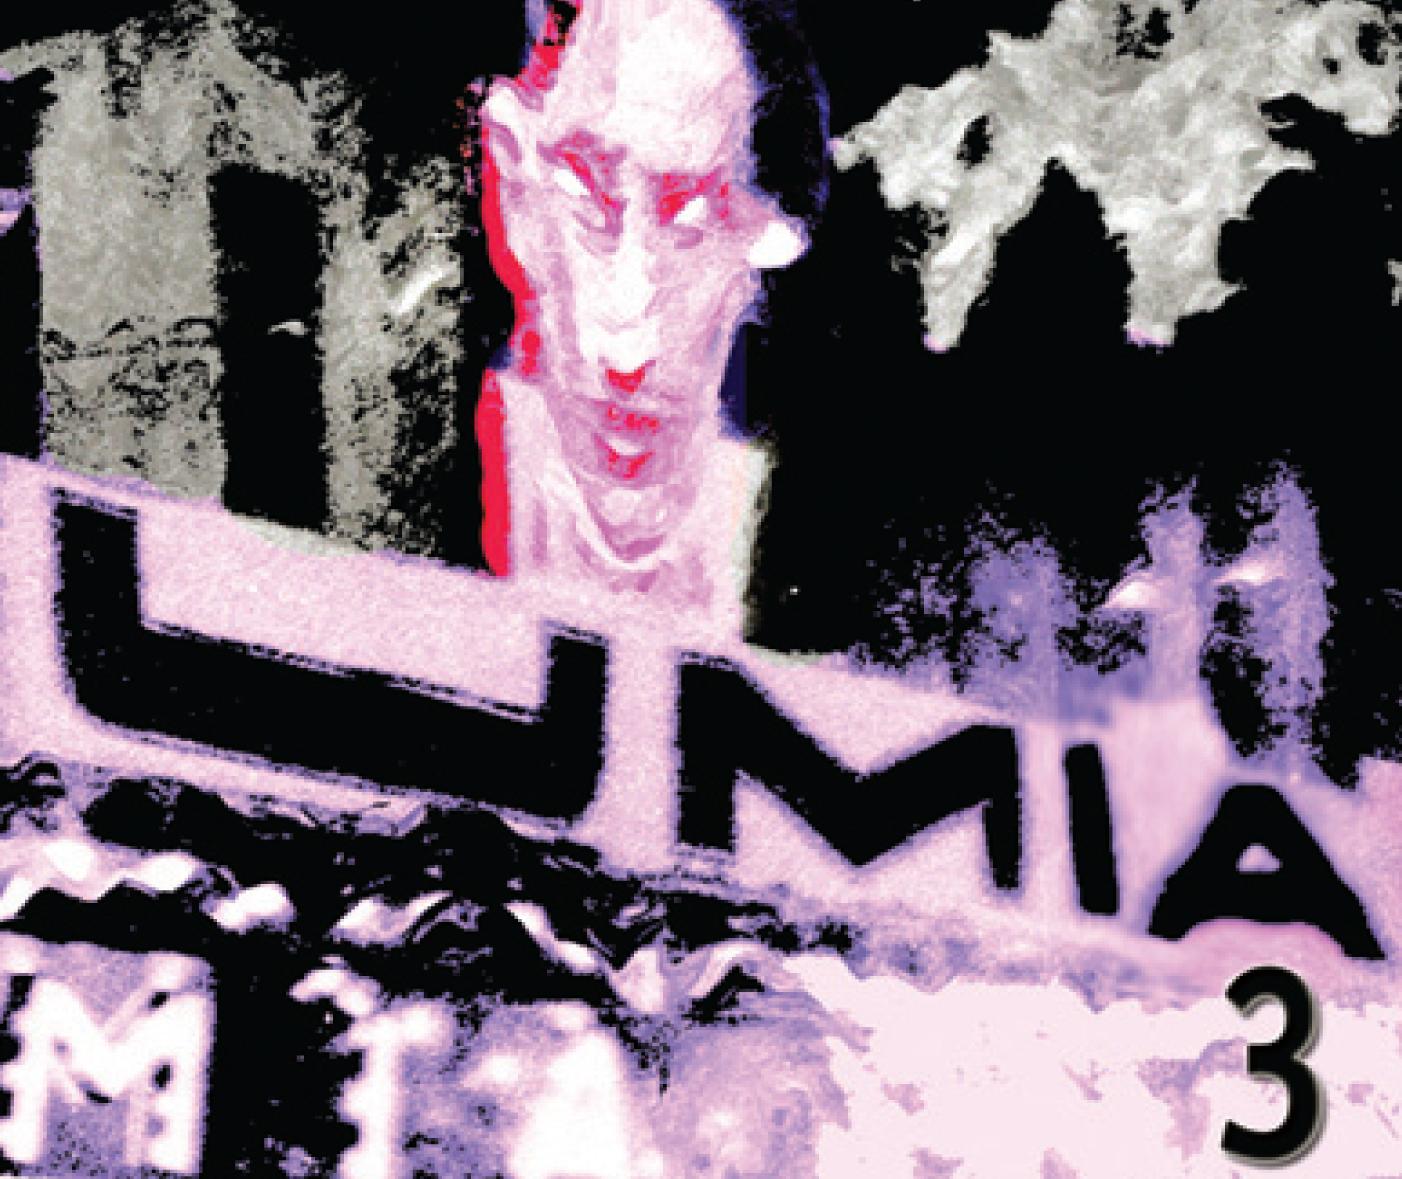 MUMIA 3